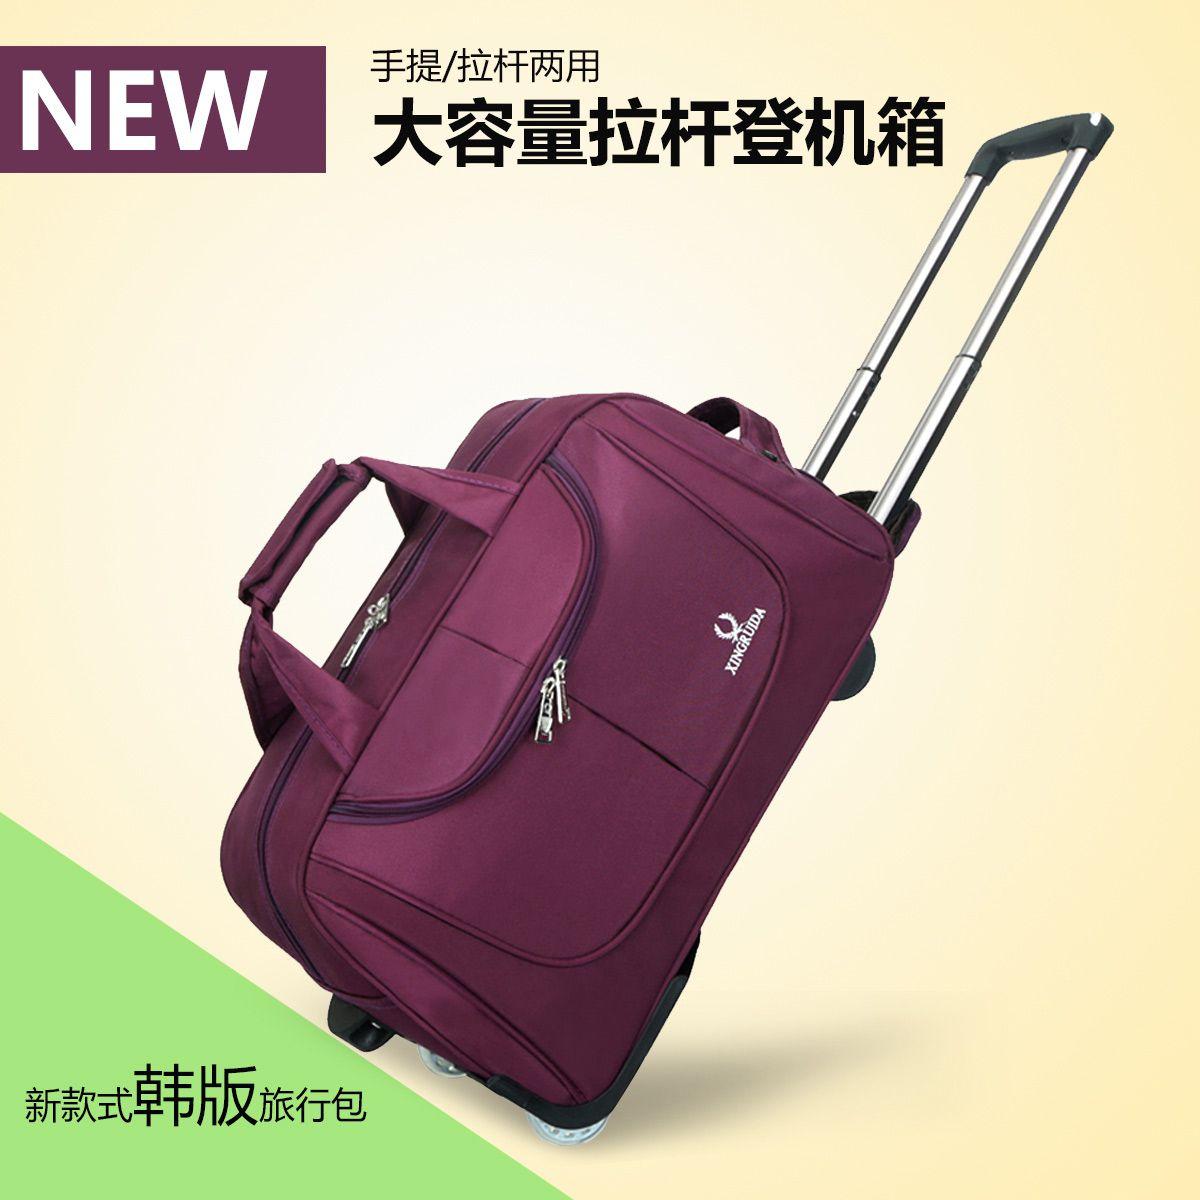 手提袋搬家袋多功能拉杆包旅行包拉杆袋大号行李包便携韩版登机箱